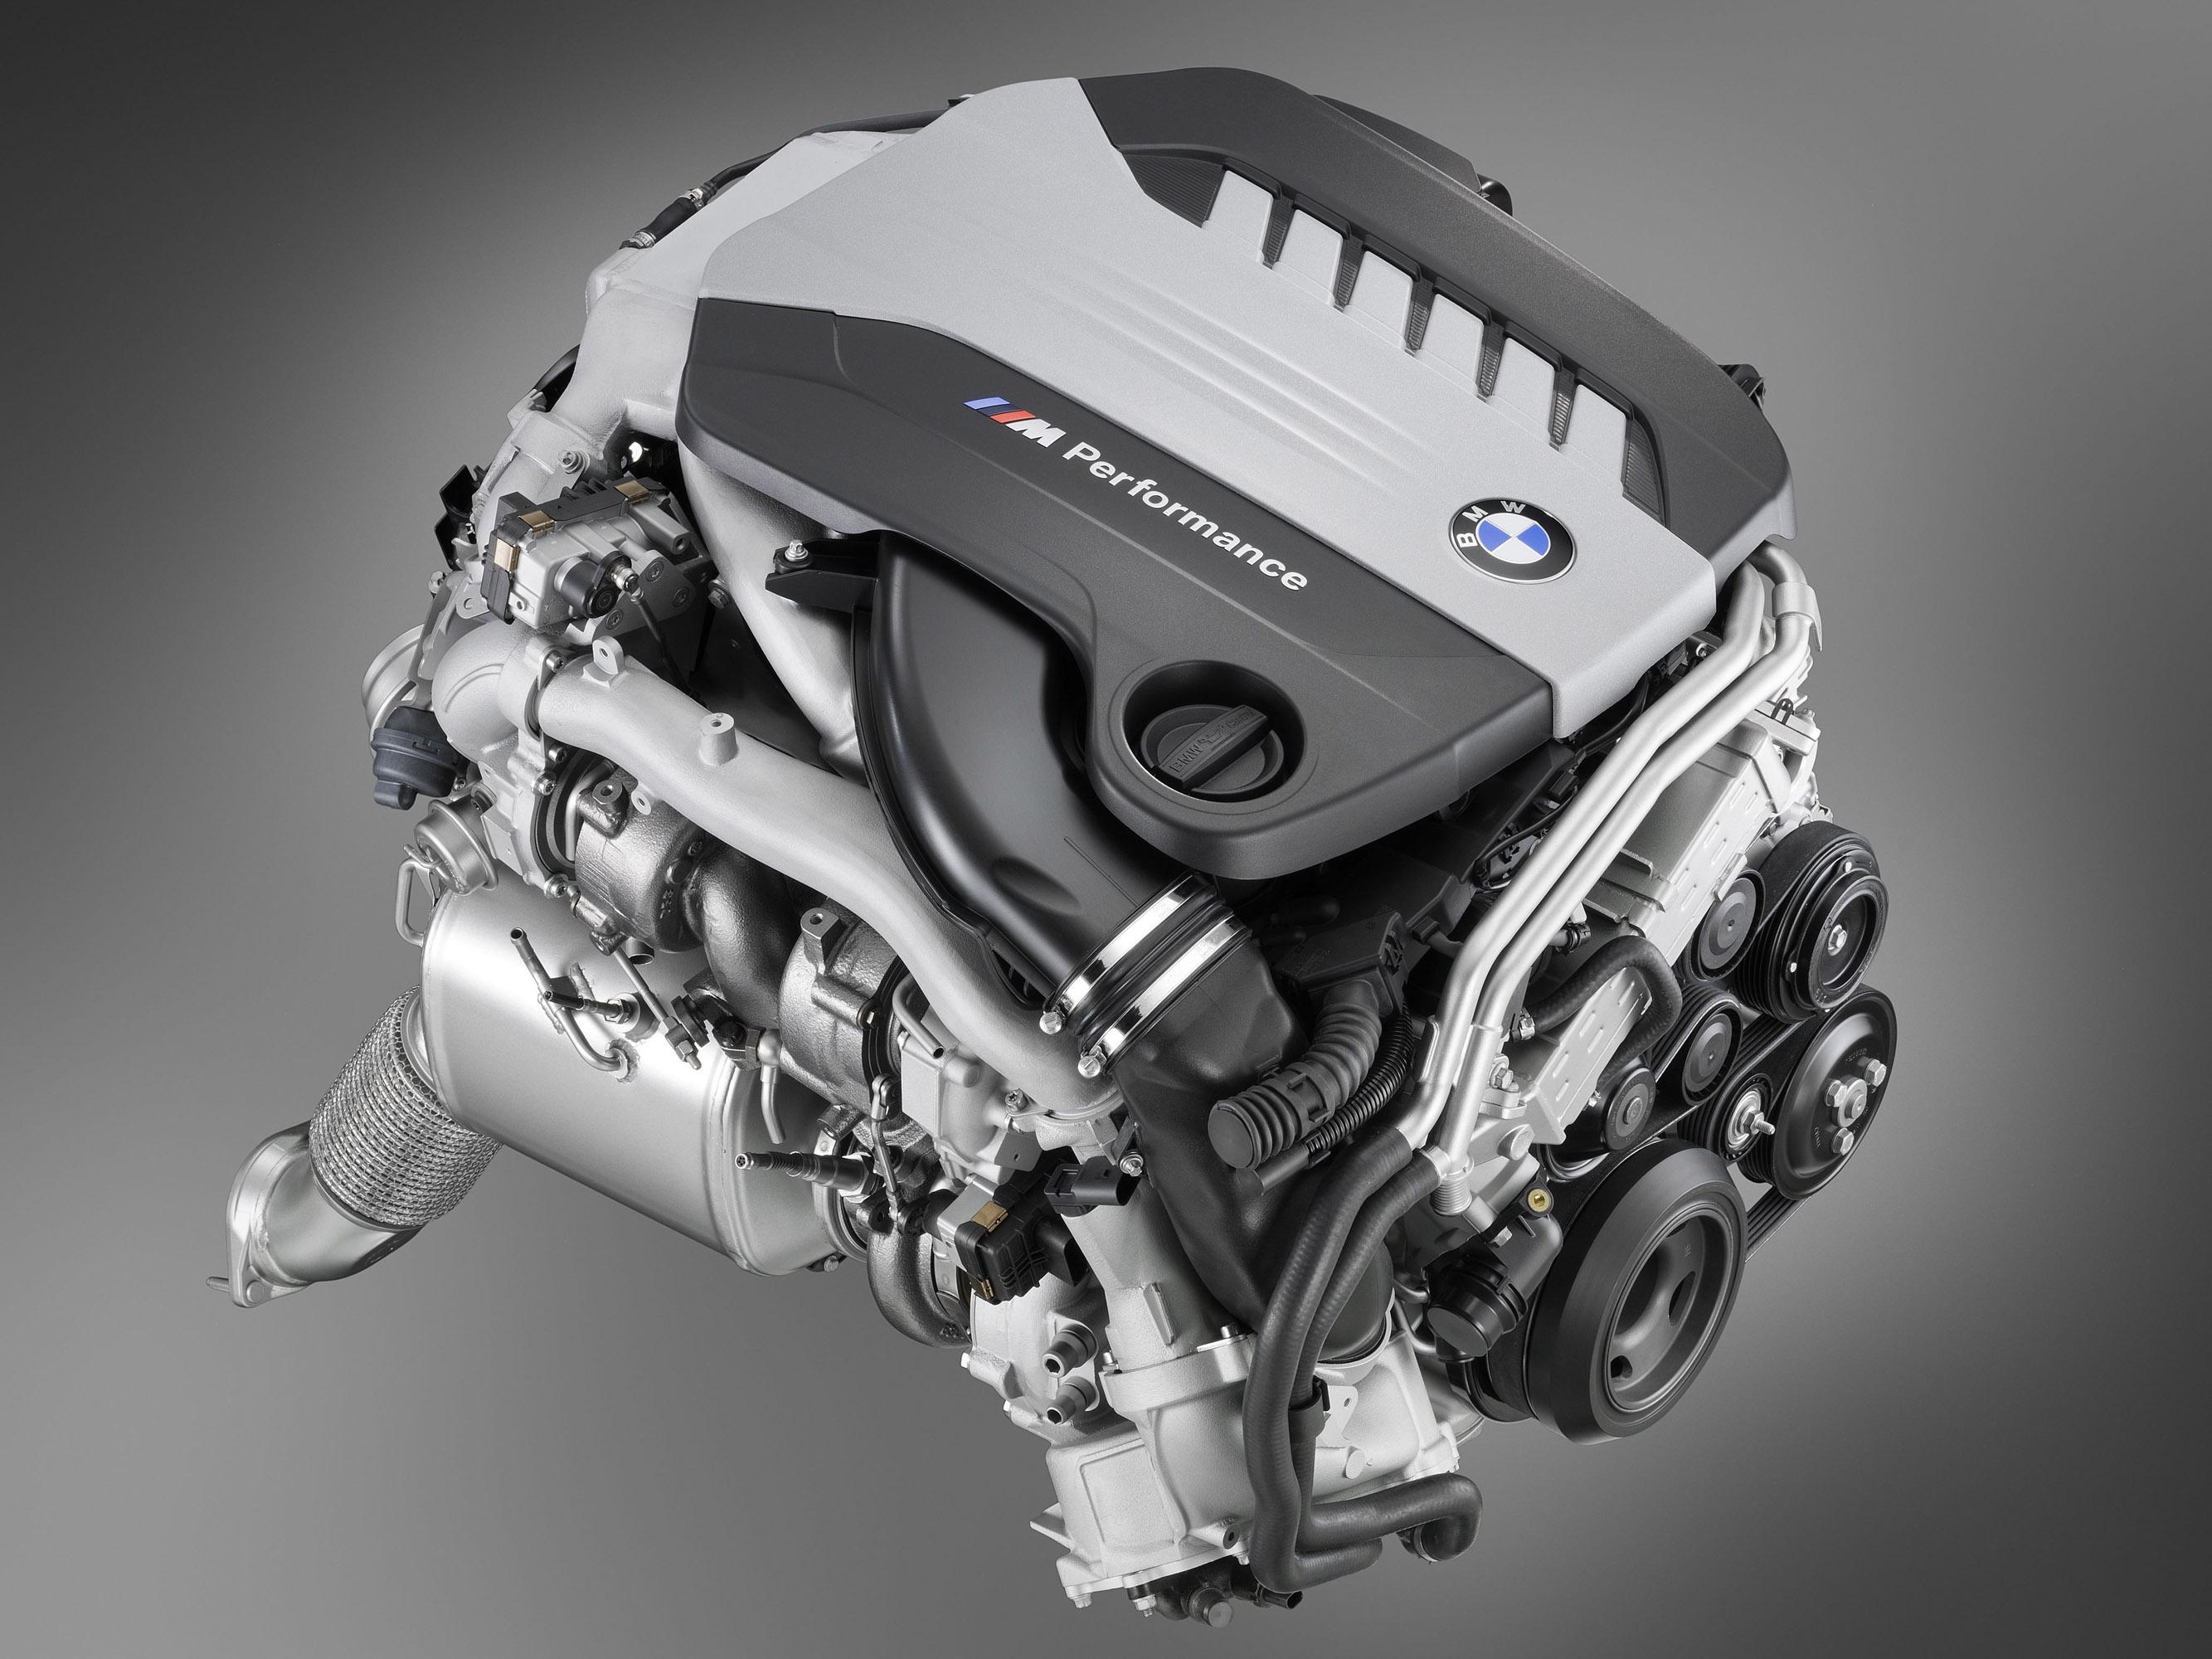 Tres Turbos No Eran Suficiente Bmw Lanzara El 750d Con Cuatro Turbos En 2016 01